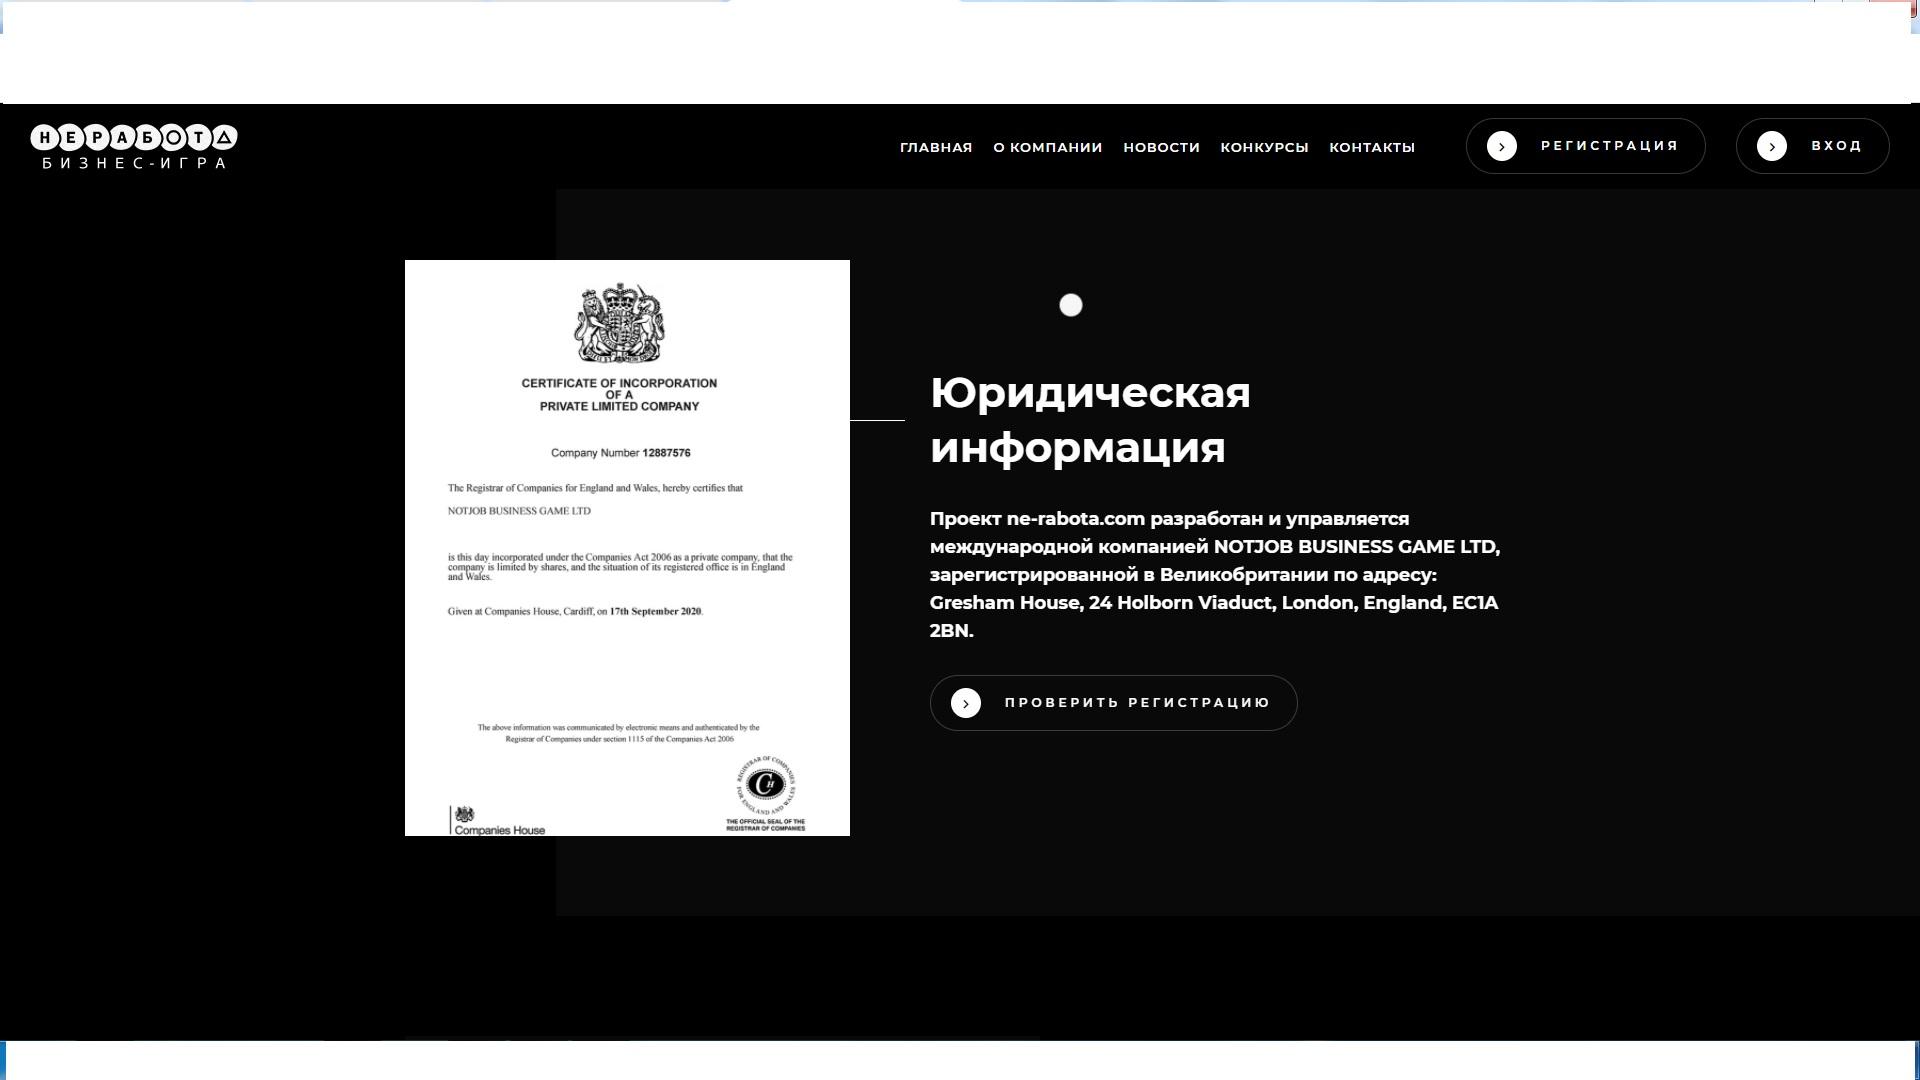 Скриншот свидетельства о регистрации компании